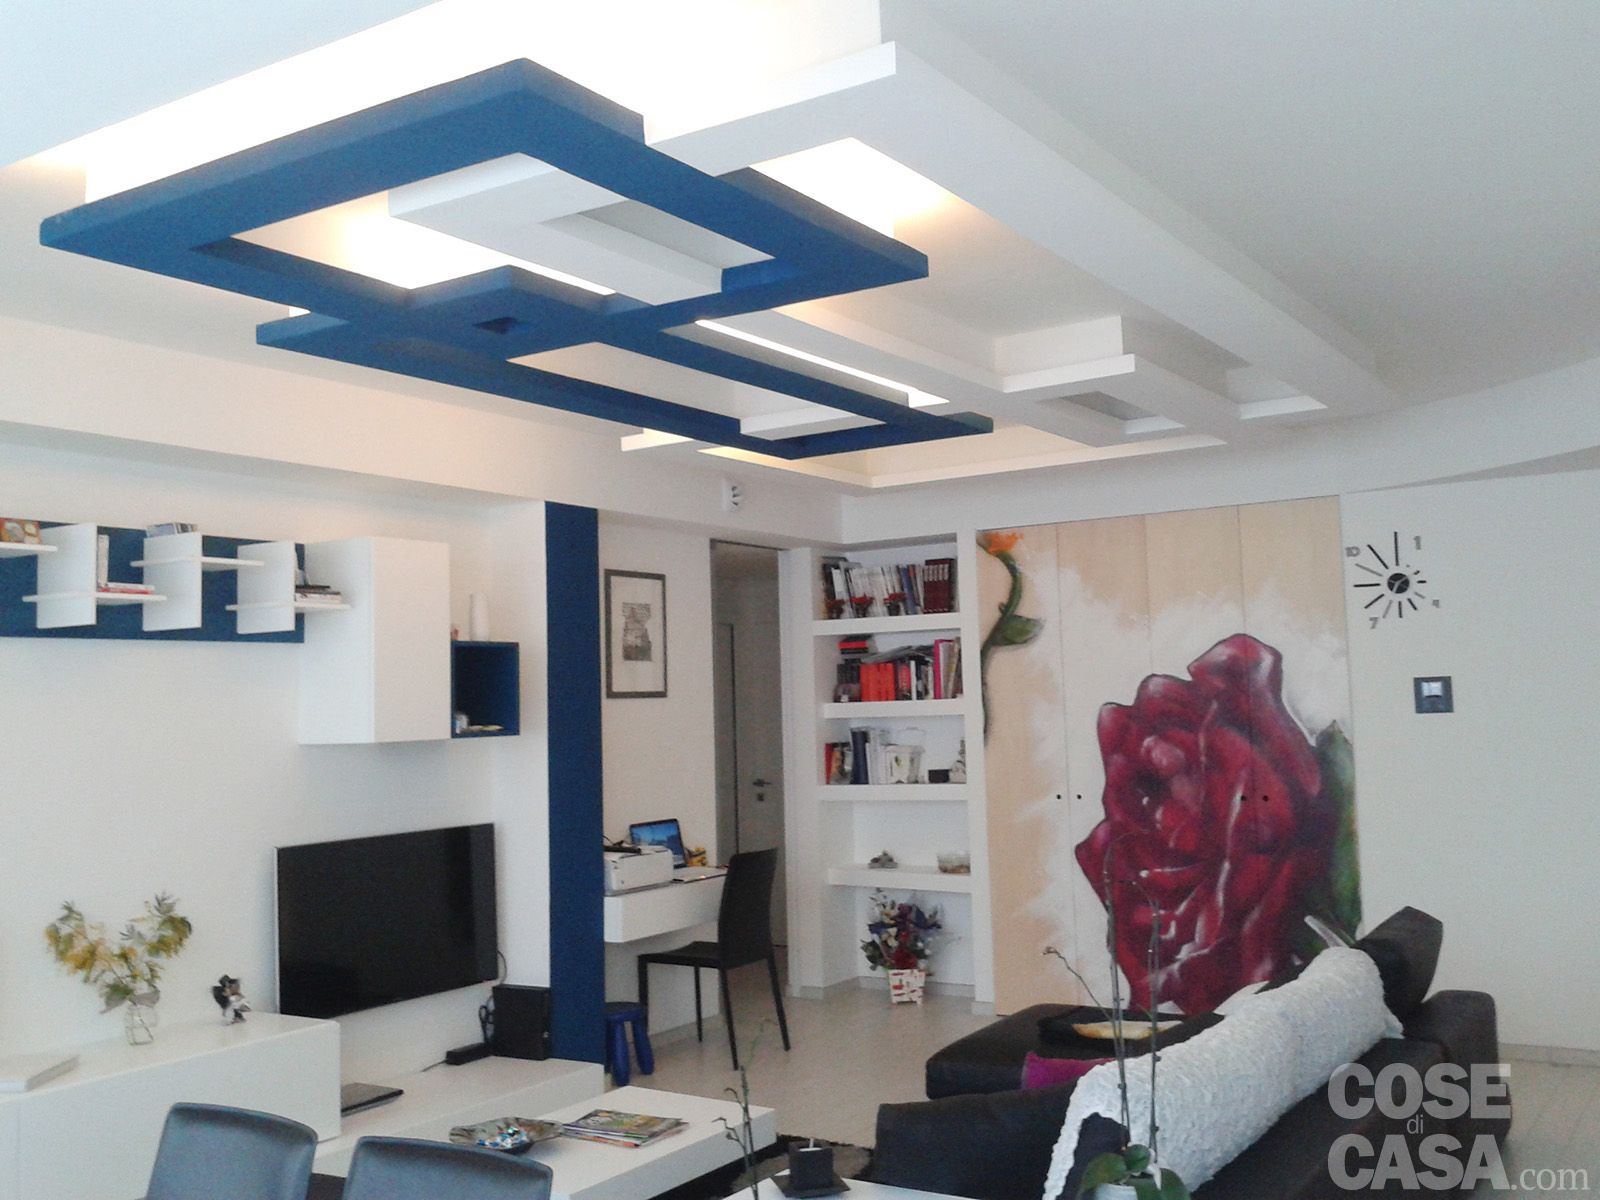 Una casa con giochi di luce soluzioni d arredamento e finiture